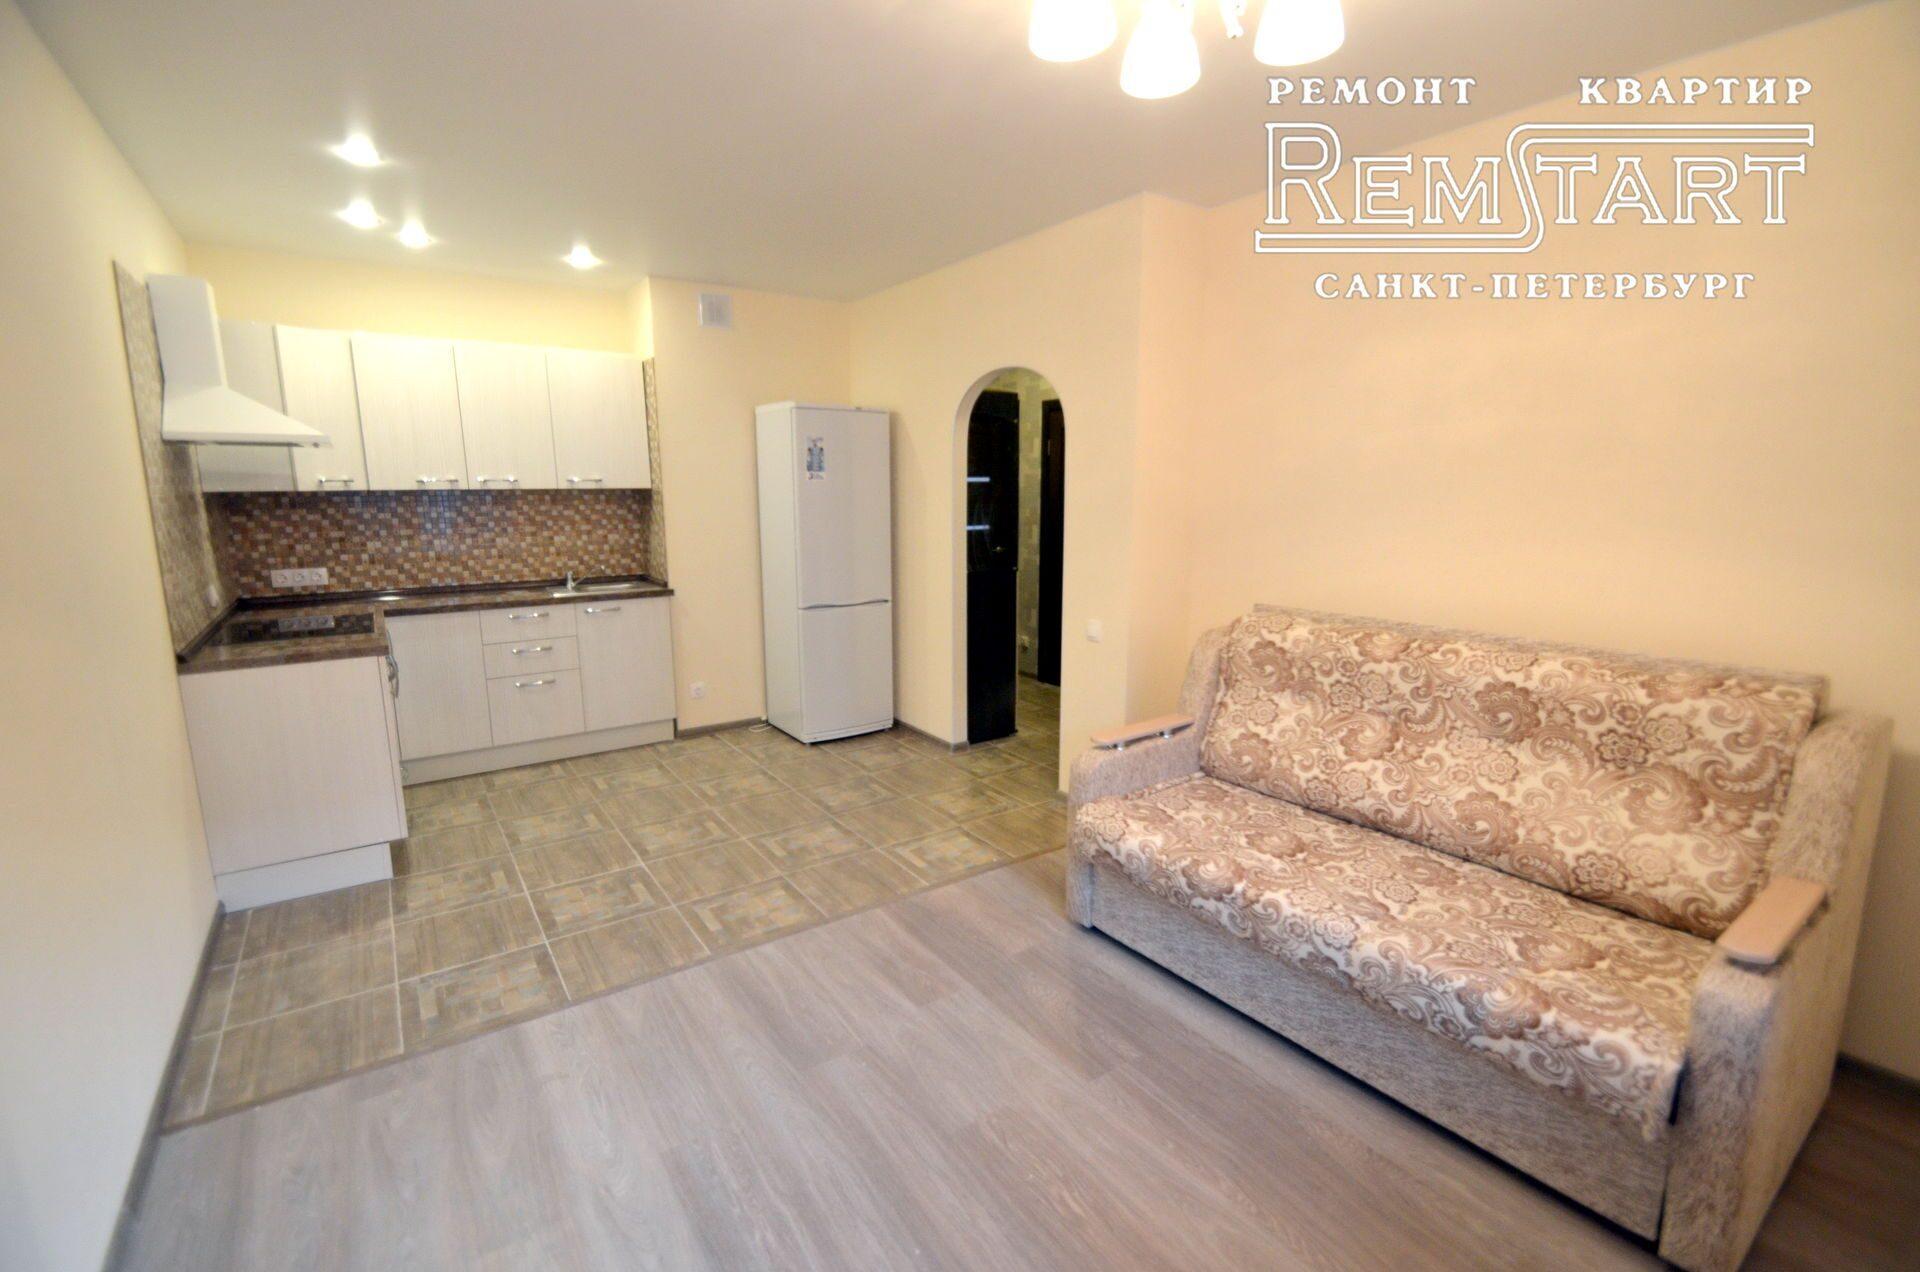 Ремонт квартир под ключ в Киеве 2018 - VIP-Remont